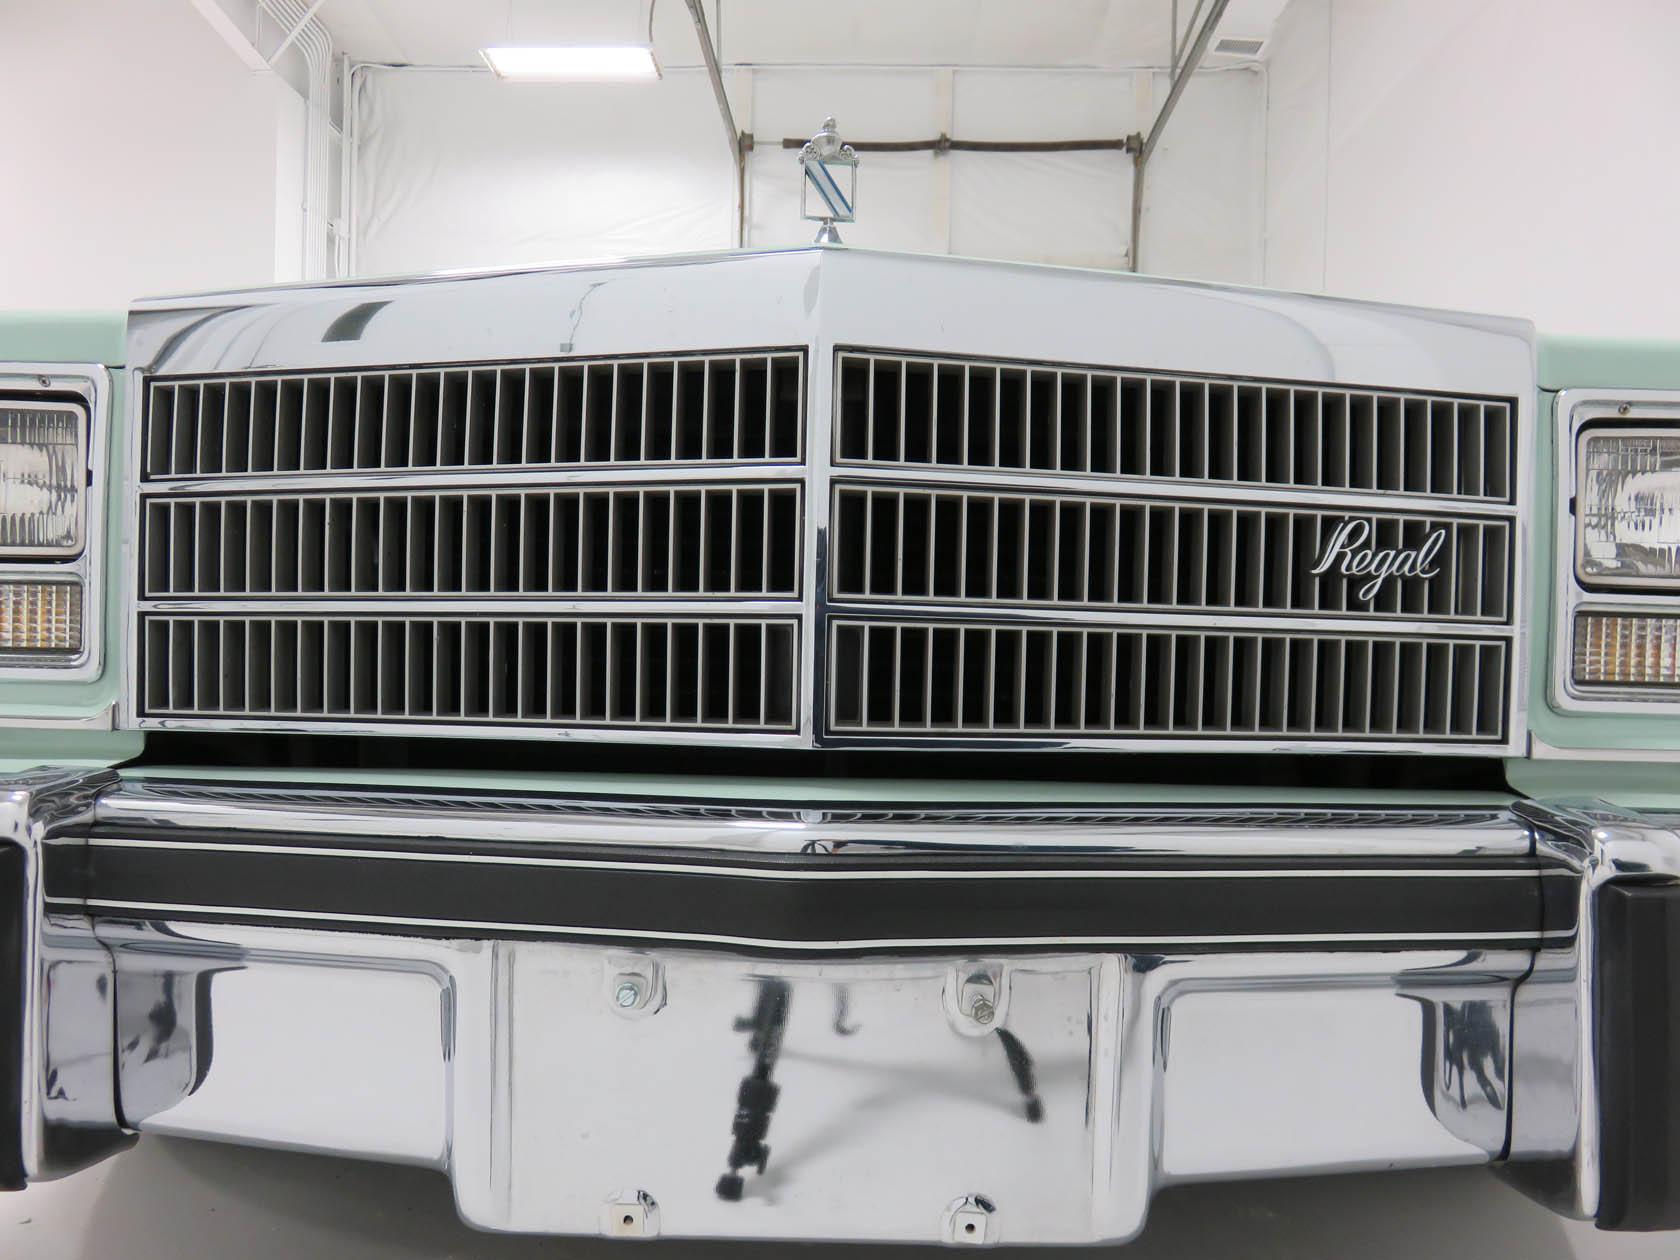 Michael Esposito - 1974 Oldsmobile Cutlasss Supreme 305